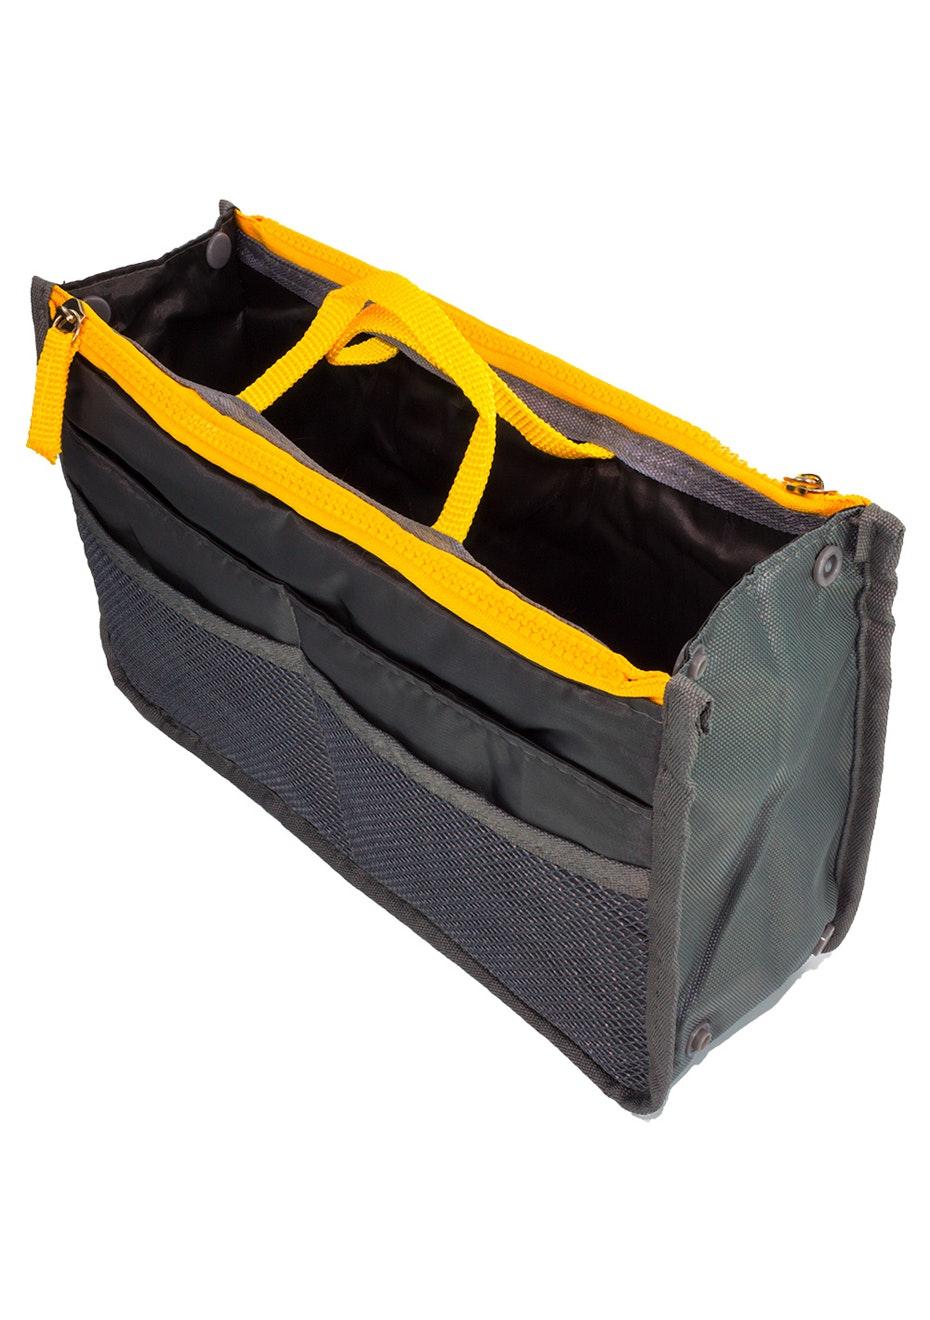 13-Pocket Handbag organiser